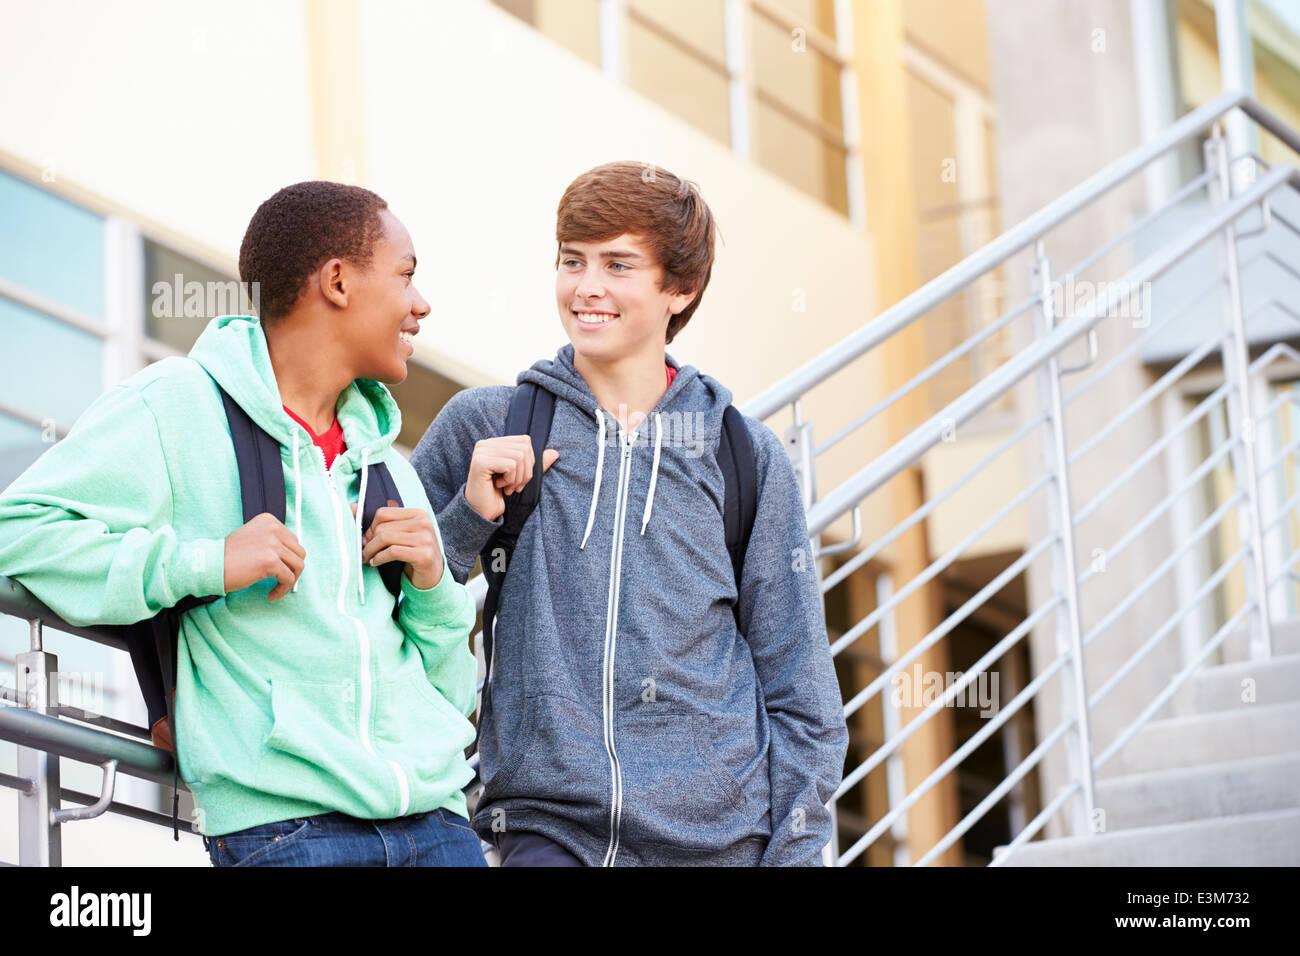 Les élèves du secondaire, deux hommes debout à l'extérieur du bâtiment Photo Stock